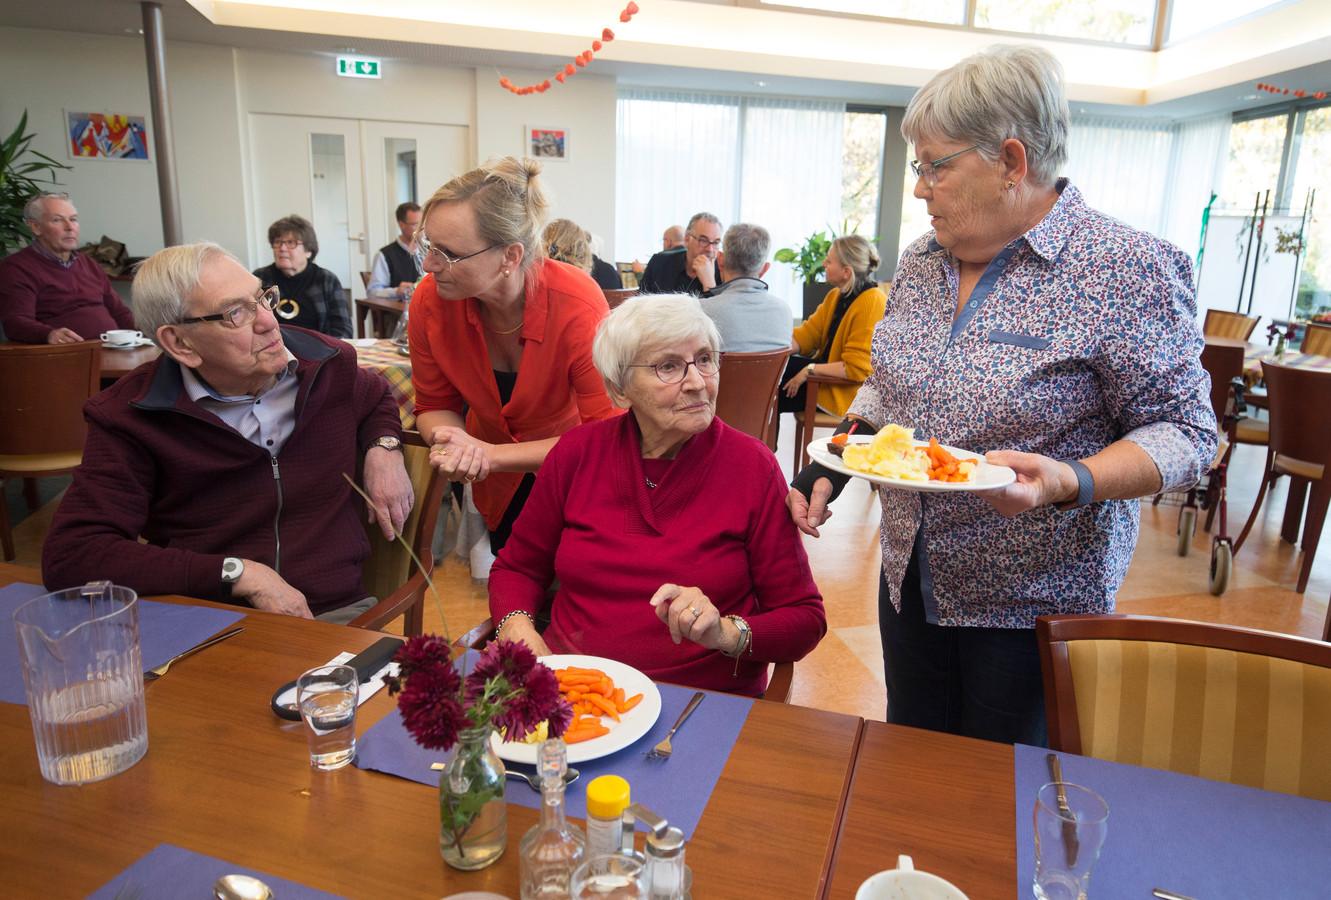 Gezellig met elkaar eten in 'Grotenhuys', door de extra inzet van vrijwilligers kan de ontmoetingsruimte in gebruik blijven voor ouderen.